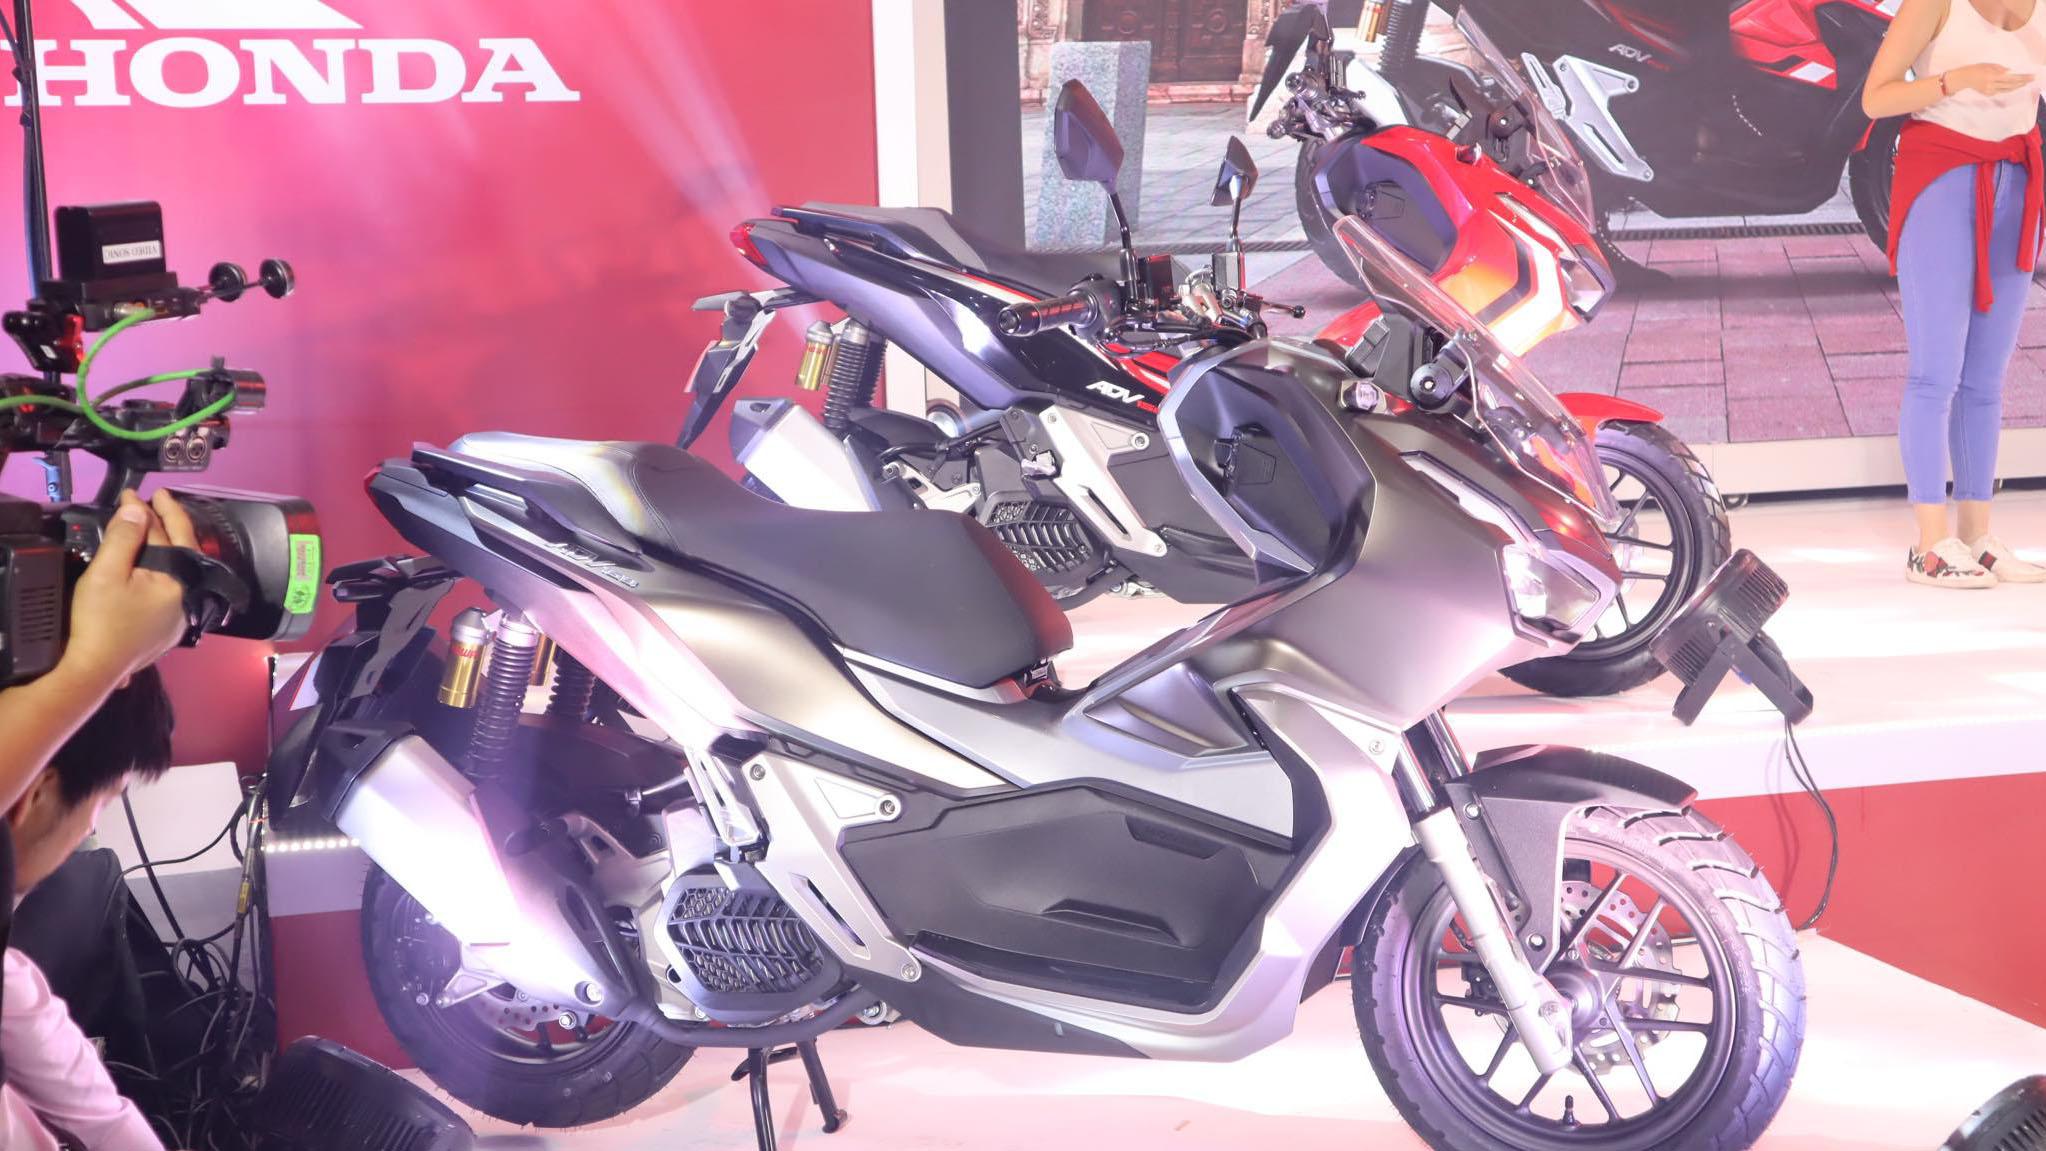 2020 Honda Adv 150 Price Specs Features Photos Event